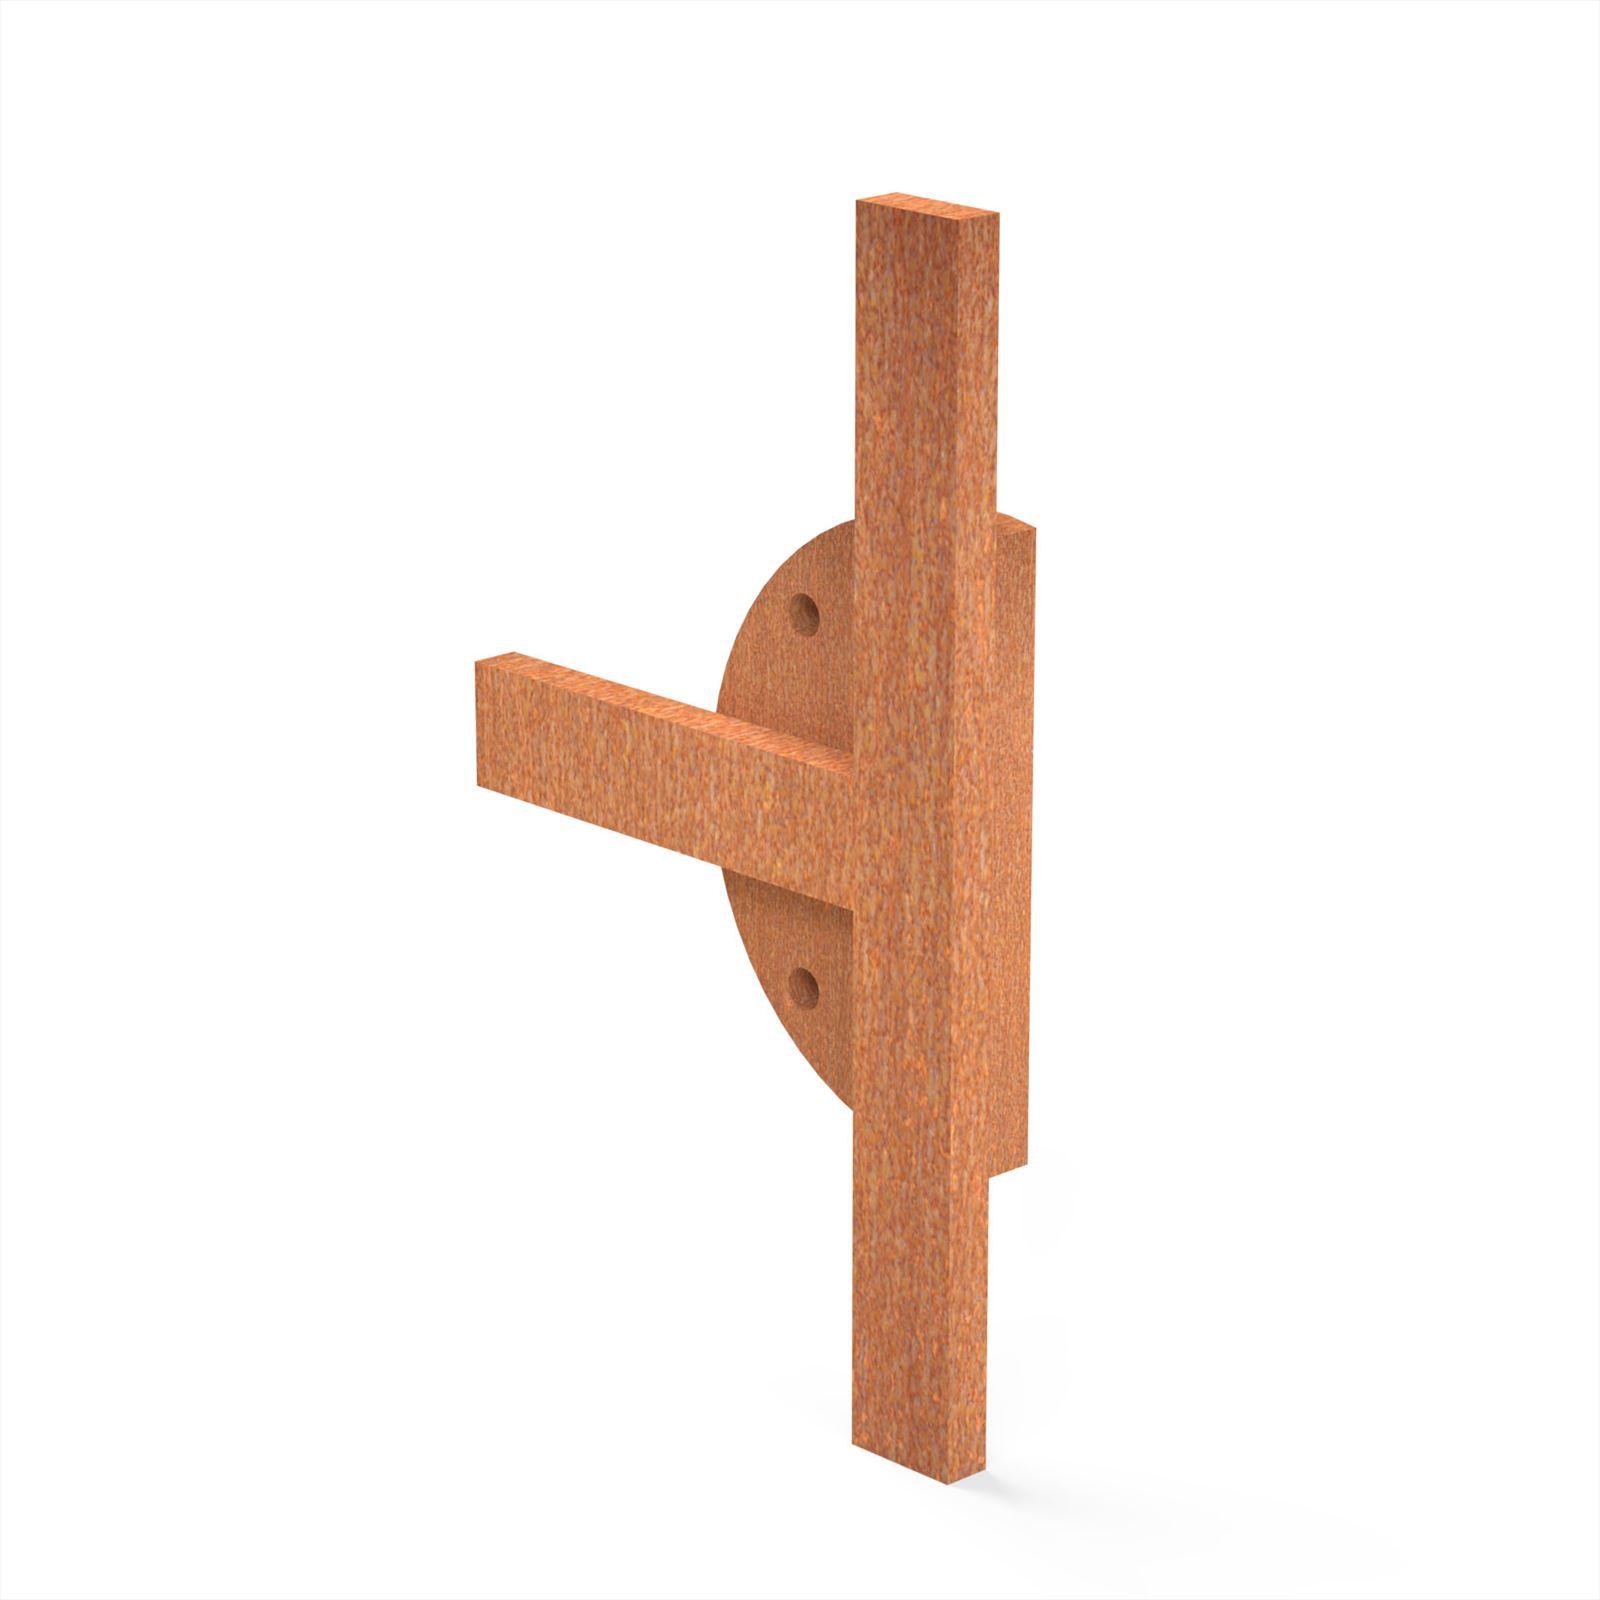 Burni verwarming Burni Bunke koppelstuk T-stuk 14x8 cm corten